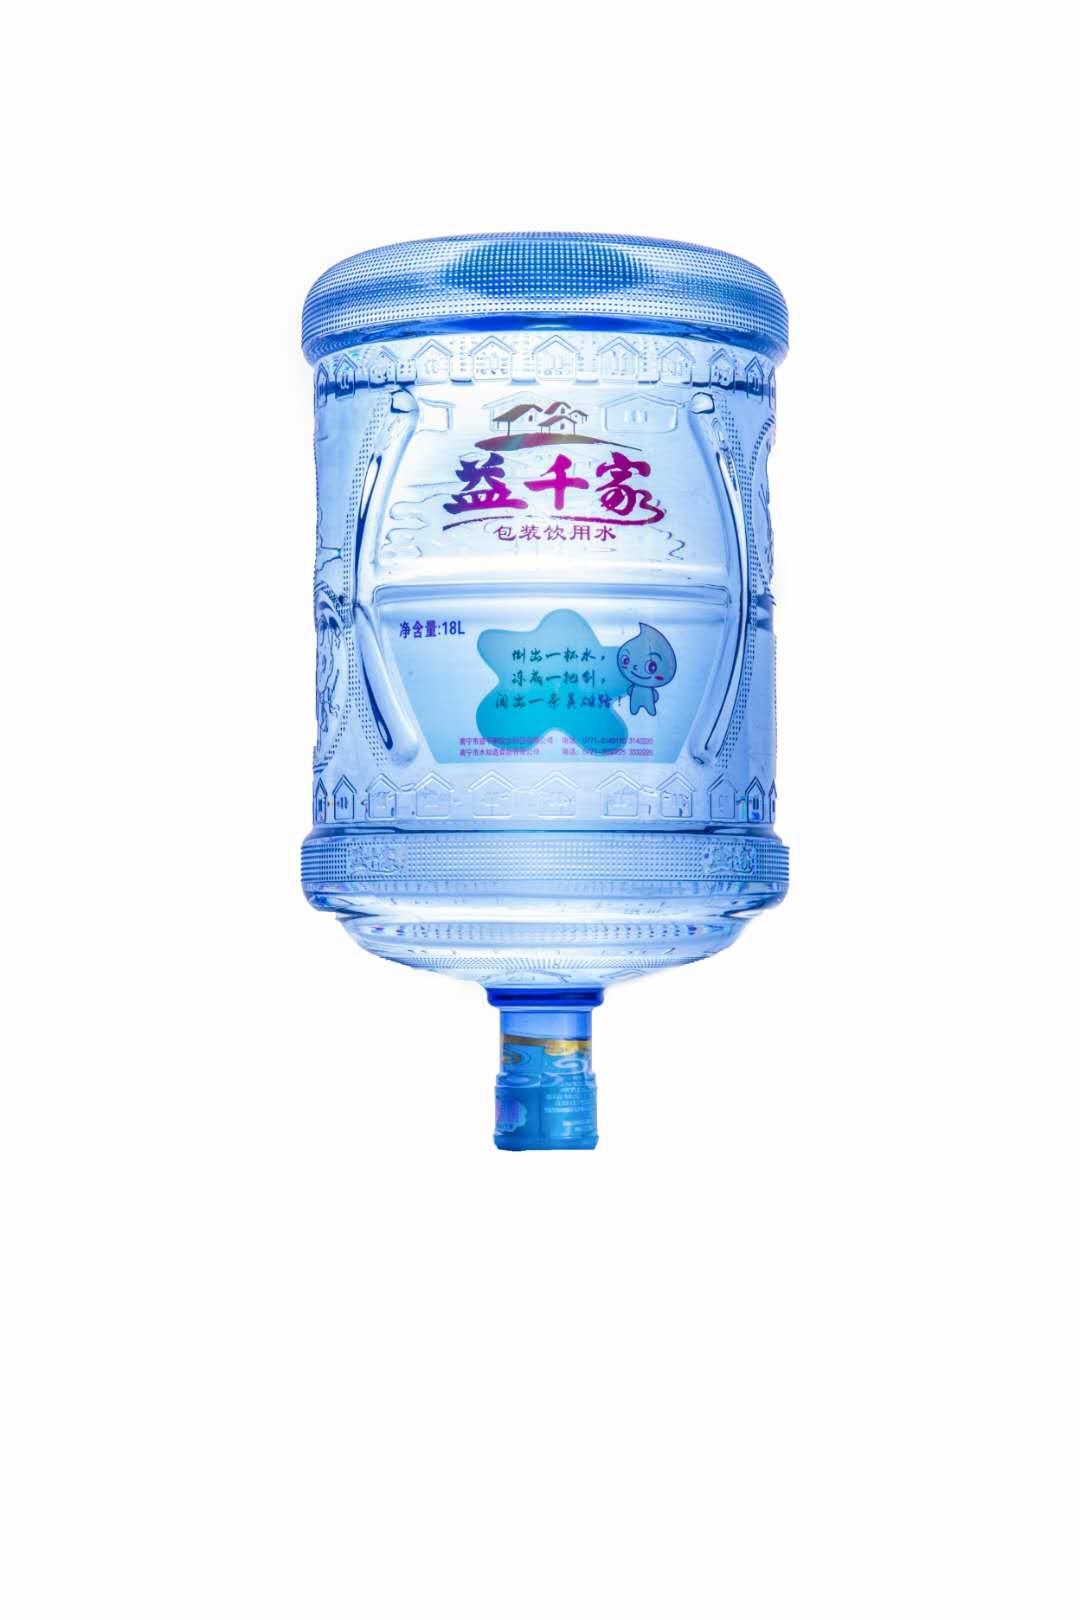 纯净水是怎样生产的